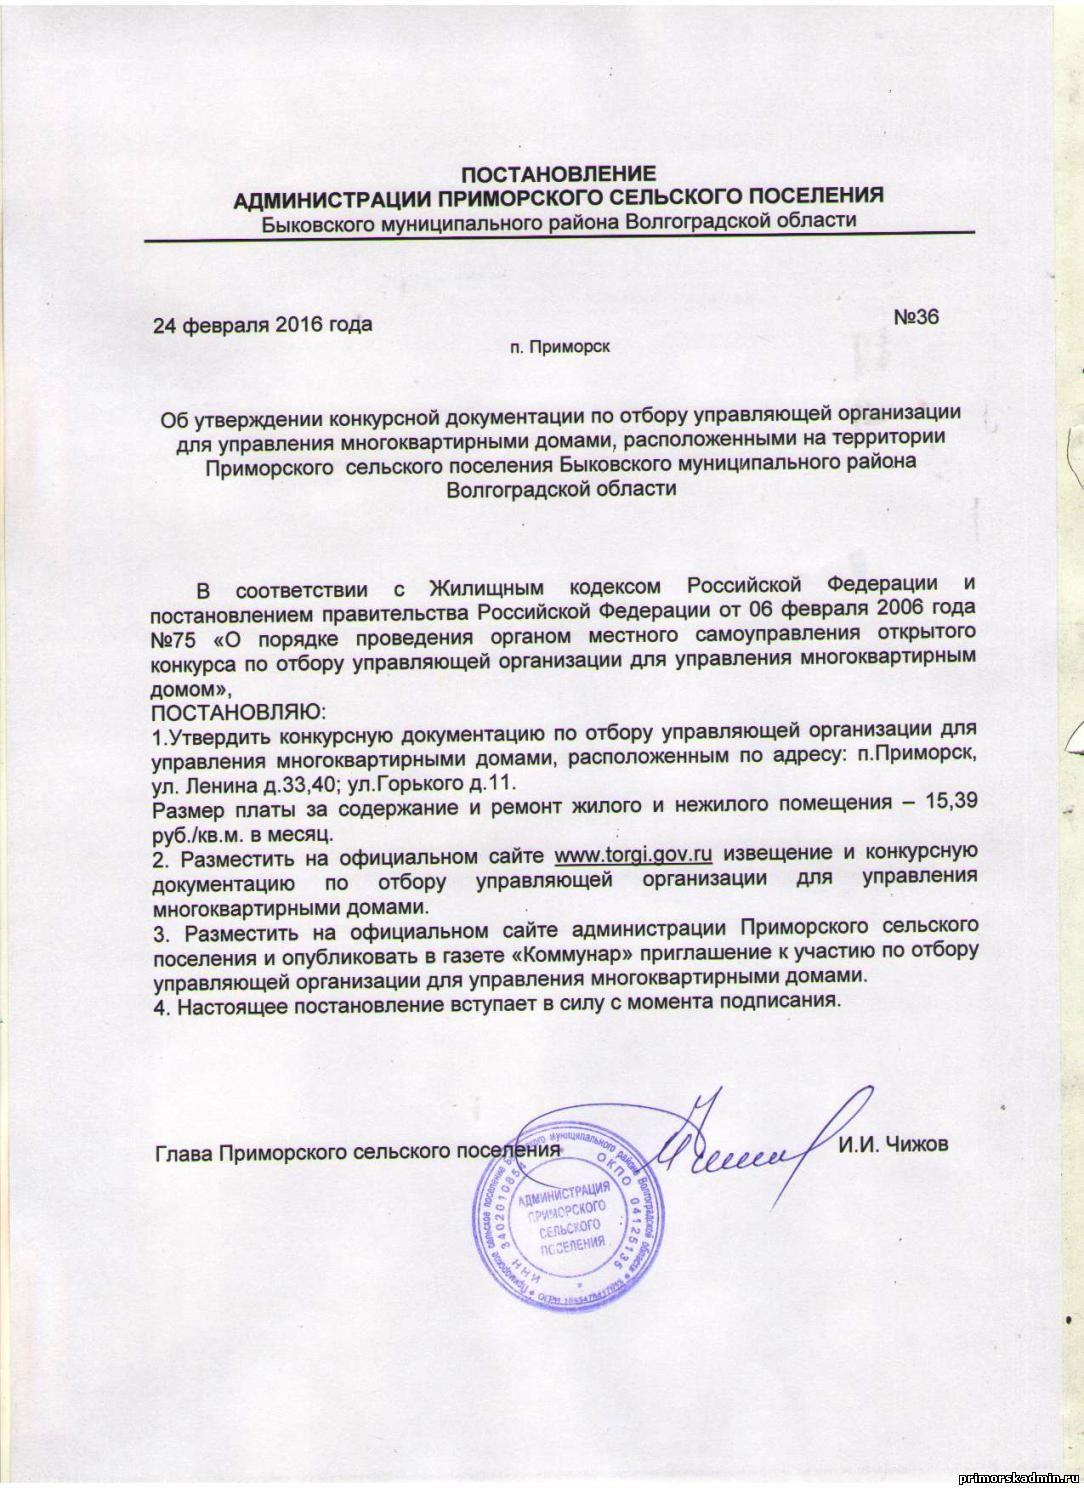 Открытый конкурс по отбору управляющей организации сельского поселения